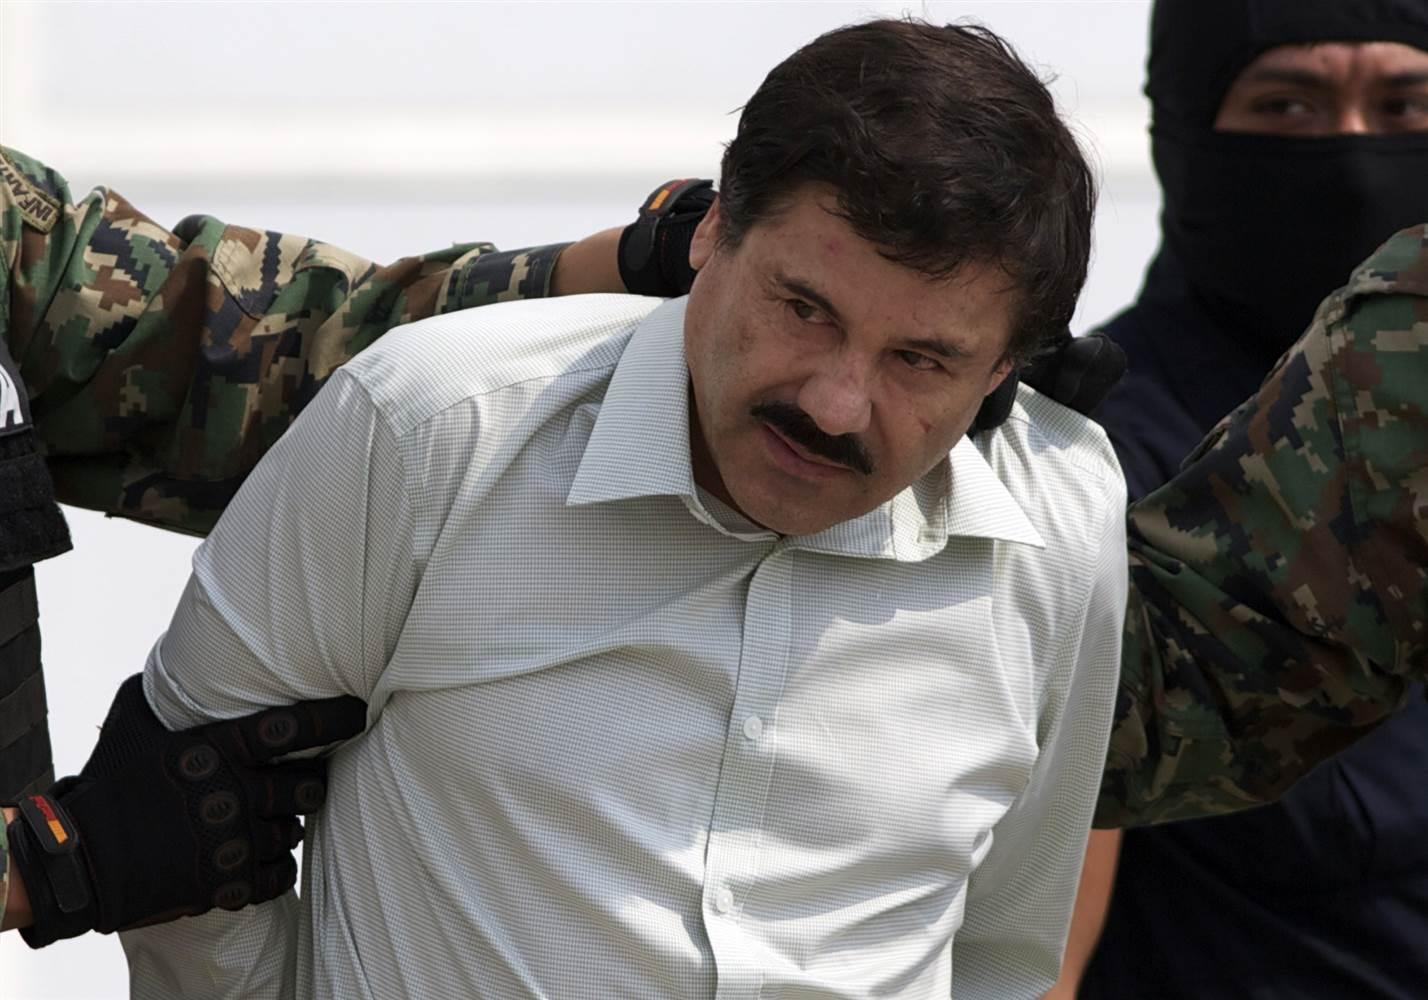 """Joaquin """"El Chapo"""" Guzman is escorted to a helicopter in handcuffs in Mexico City on Feb. 22, 2014. (Eduardo Verdugo / AP file)"""